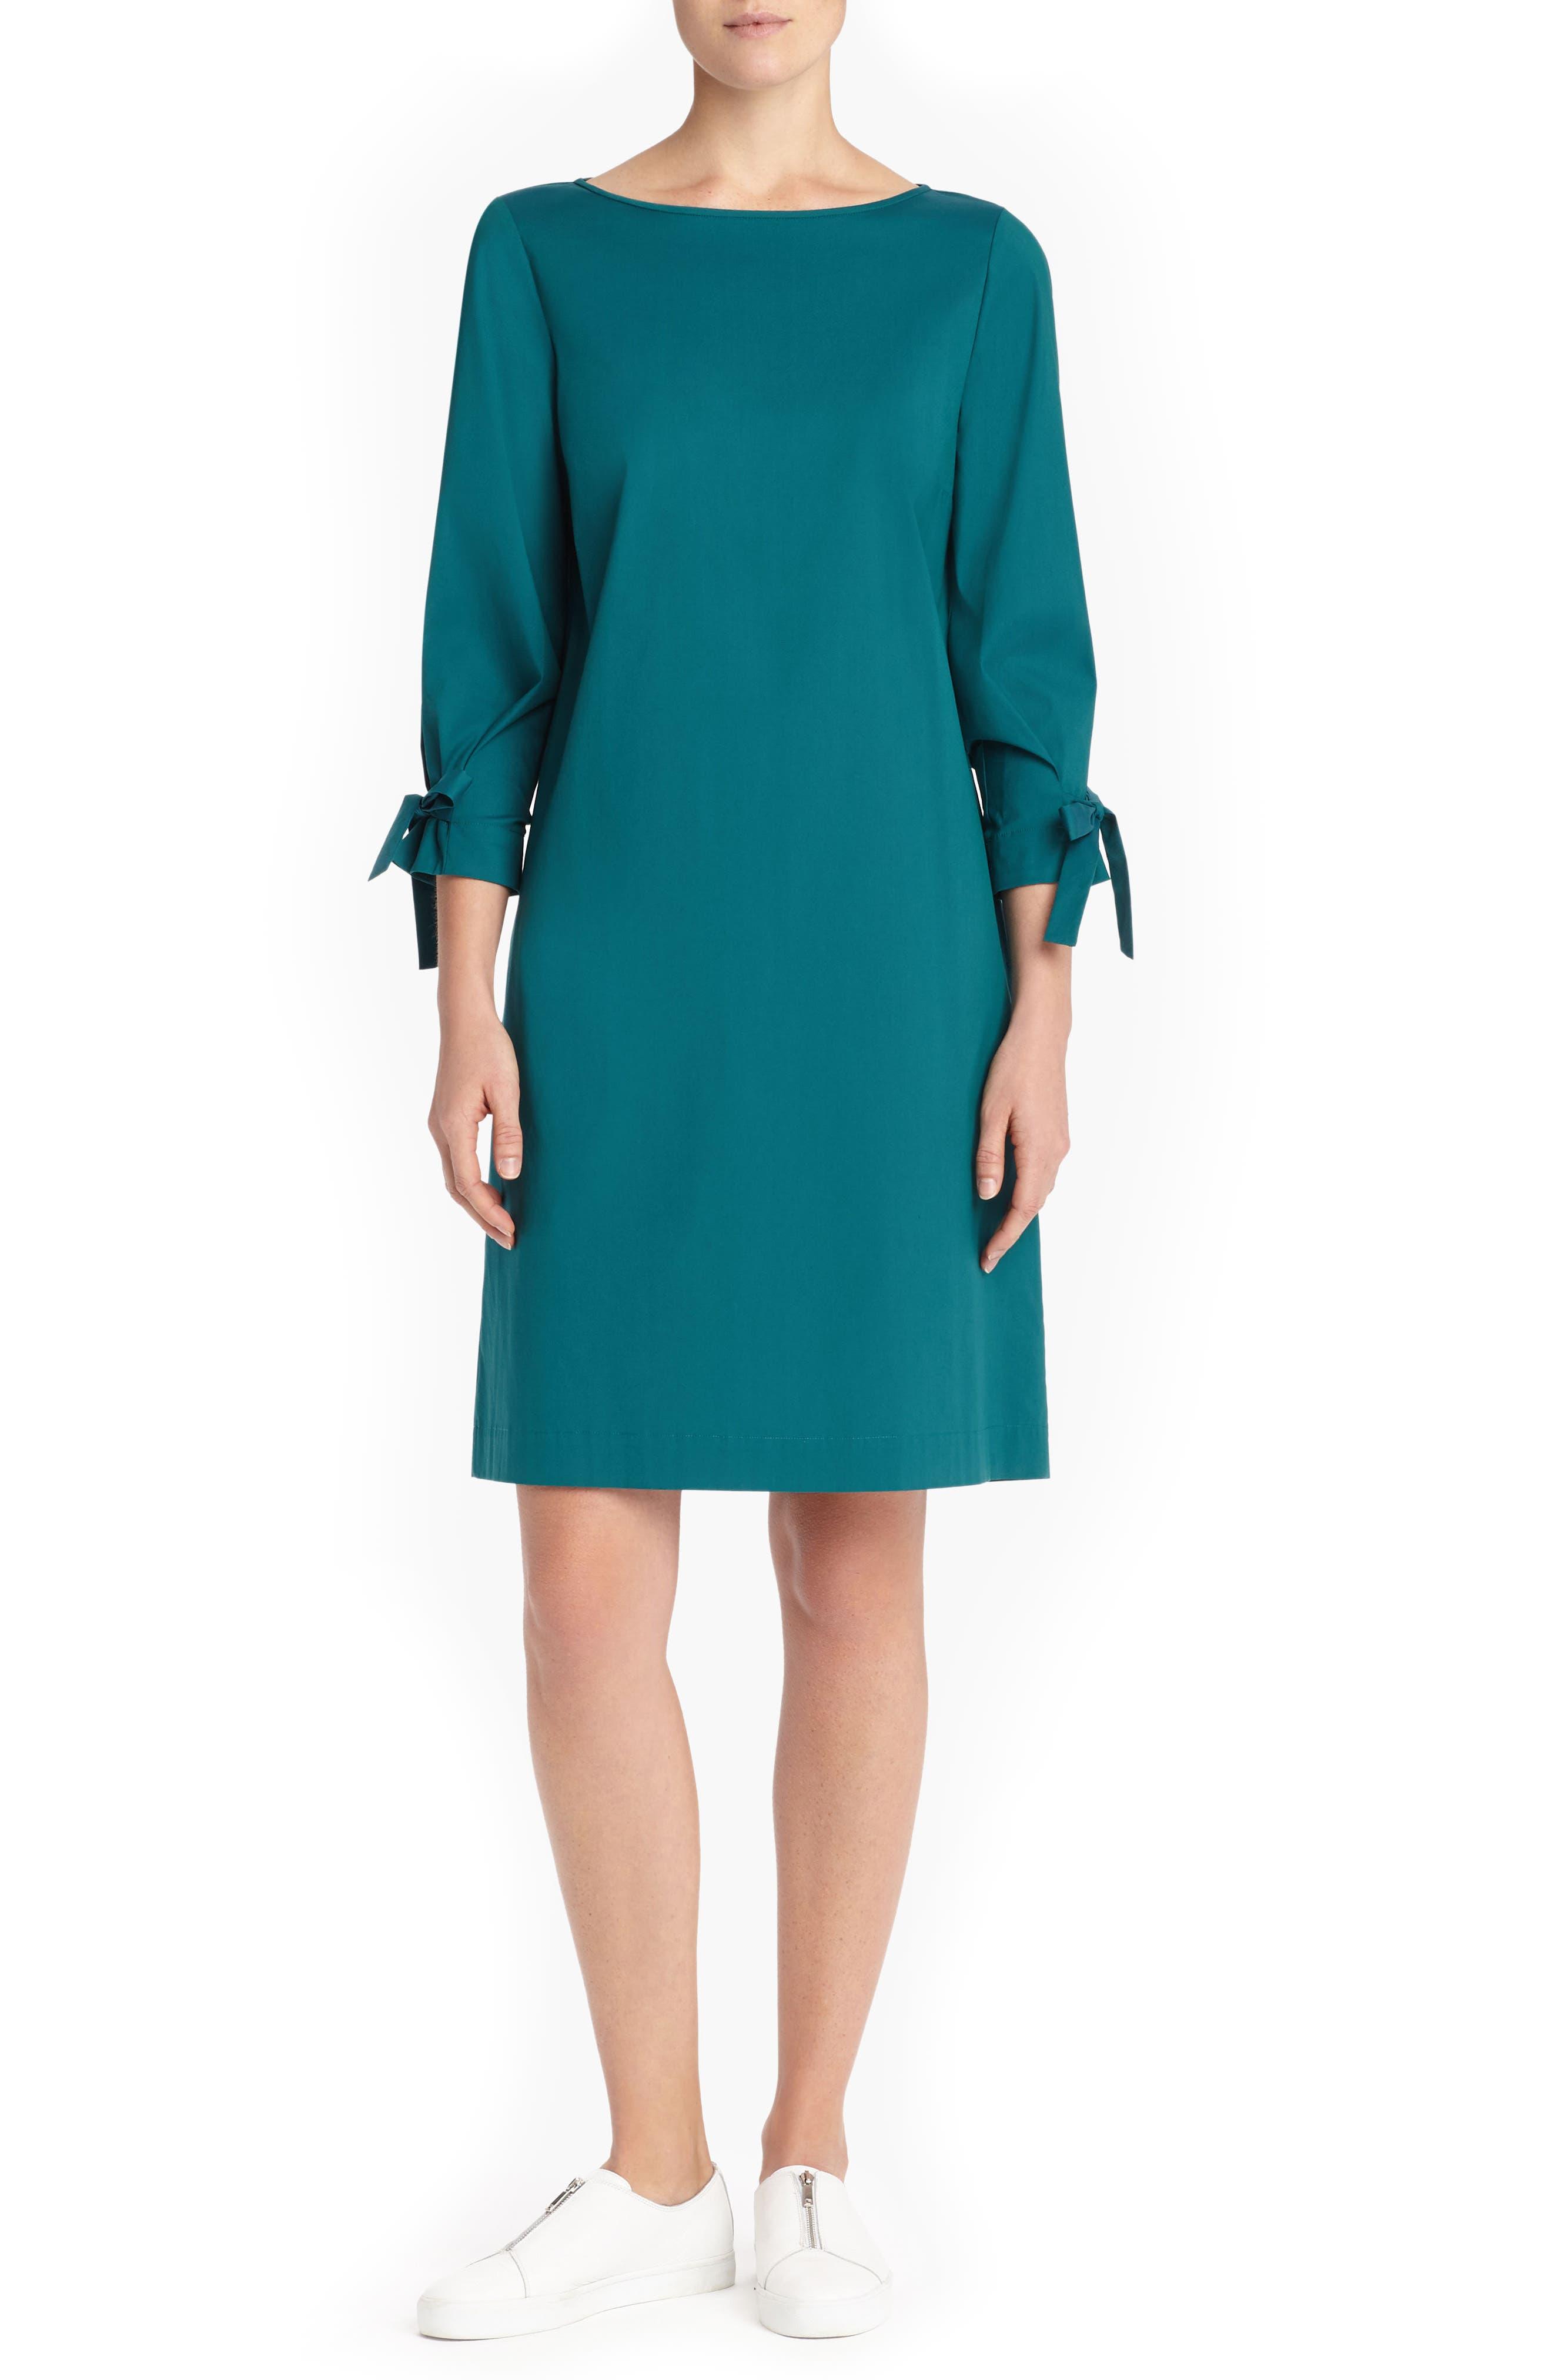 Paige Cotton Blend Dress, Main, color, ATLANTIC TEAL